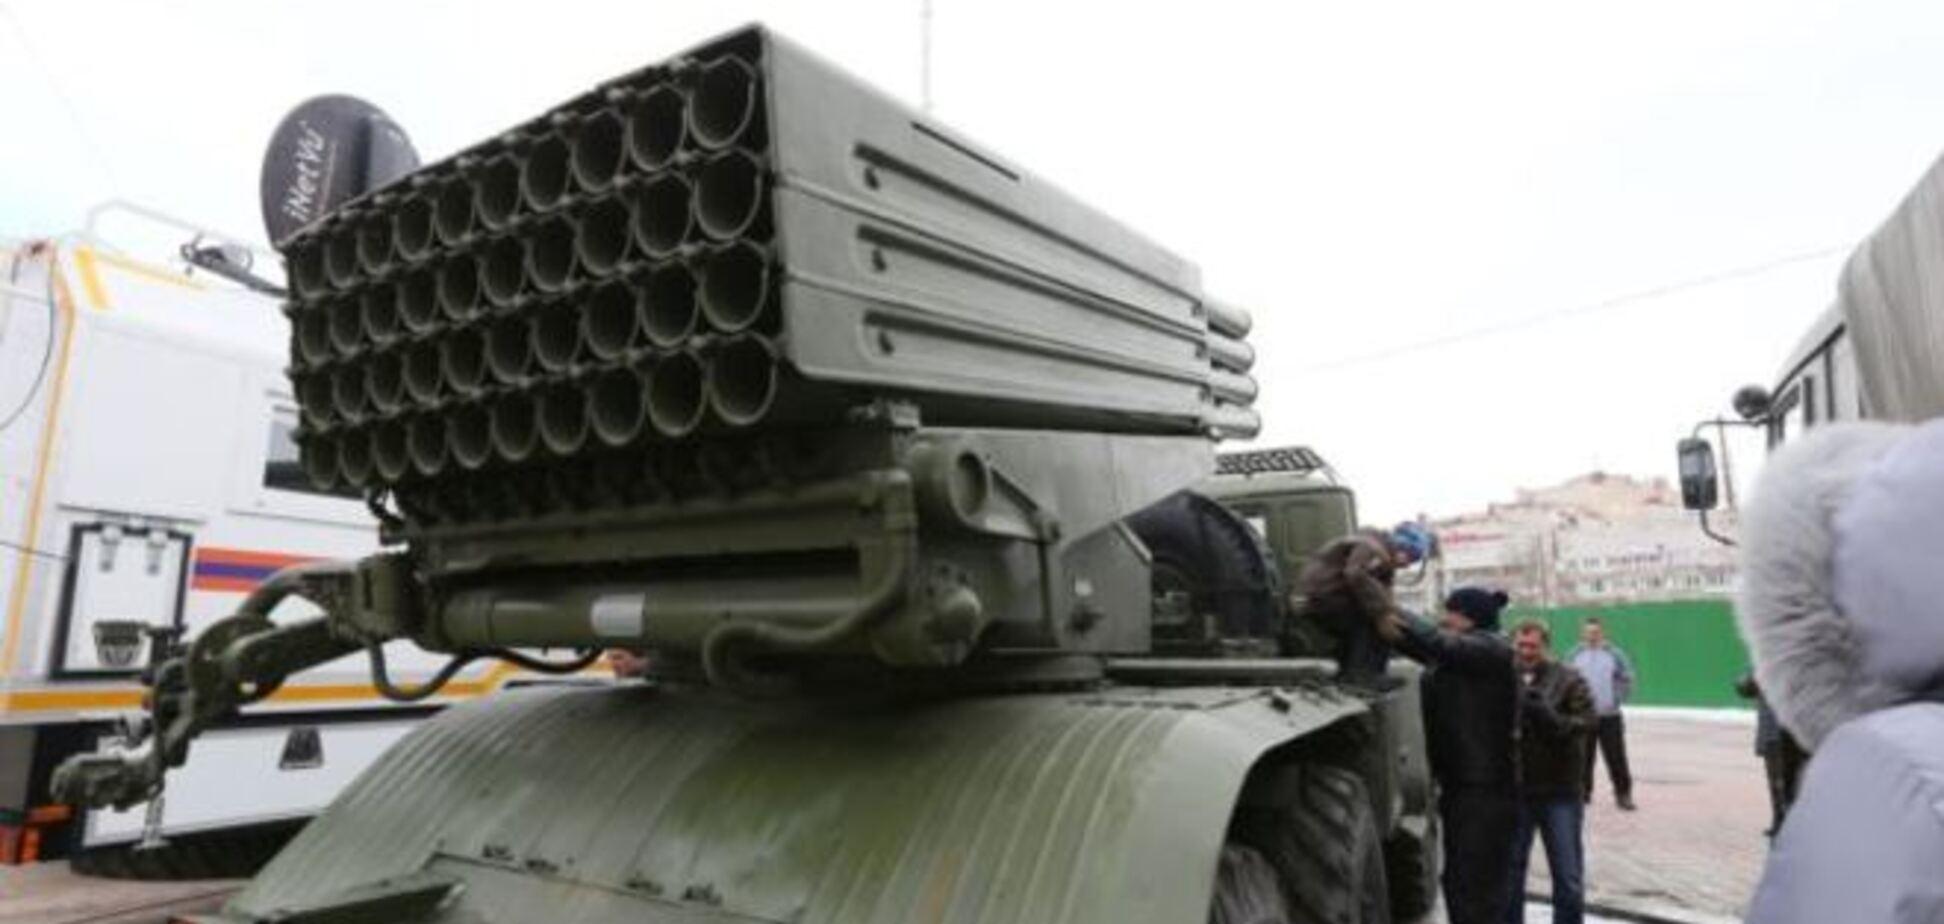 Оккупанты свезли в центр Симферополя 'Грады' и минометы: опубликованы фото